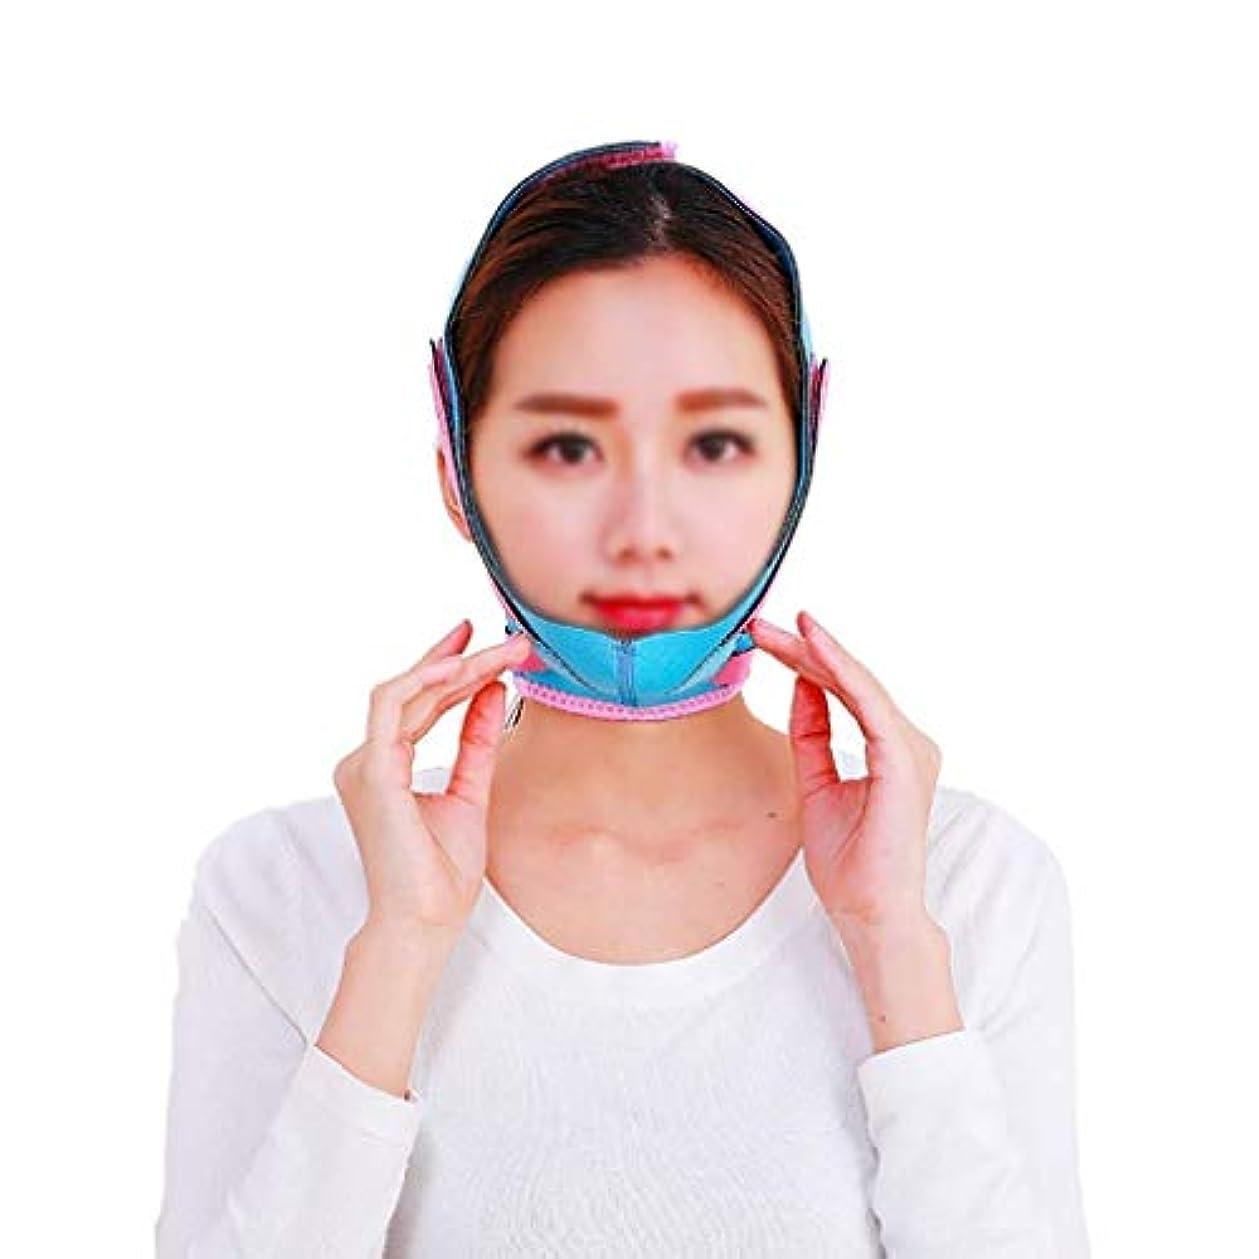 発掘仕出しますコール顔と首のリフト、男性と女性のフェイスリフトアーティファクトシュリンクマスクを強化輪郭の救済ドループ筋肉引き締め肌弾性V顔包帯